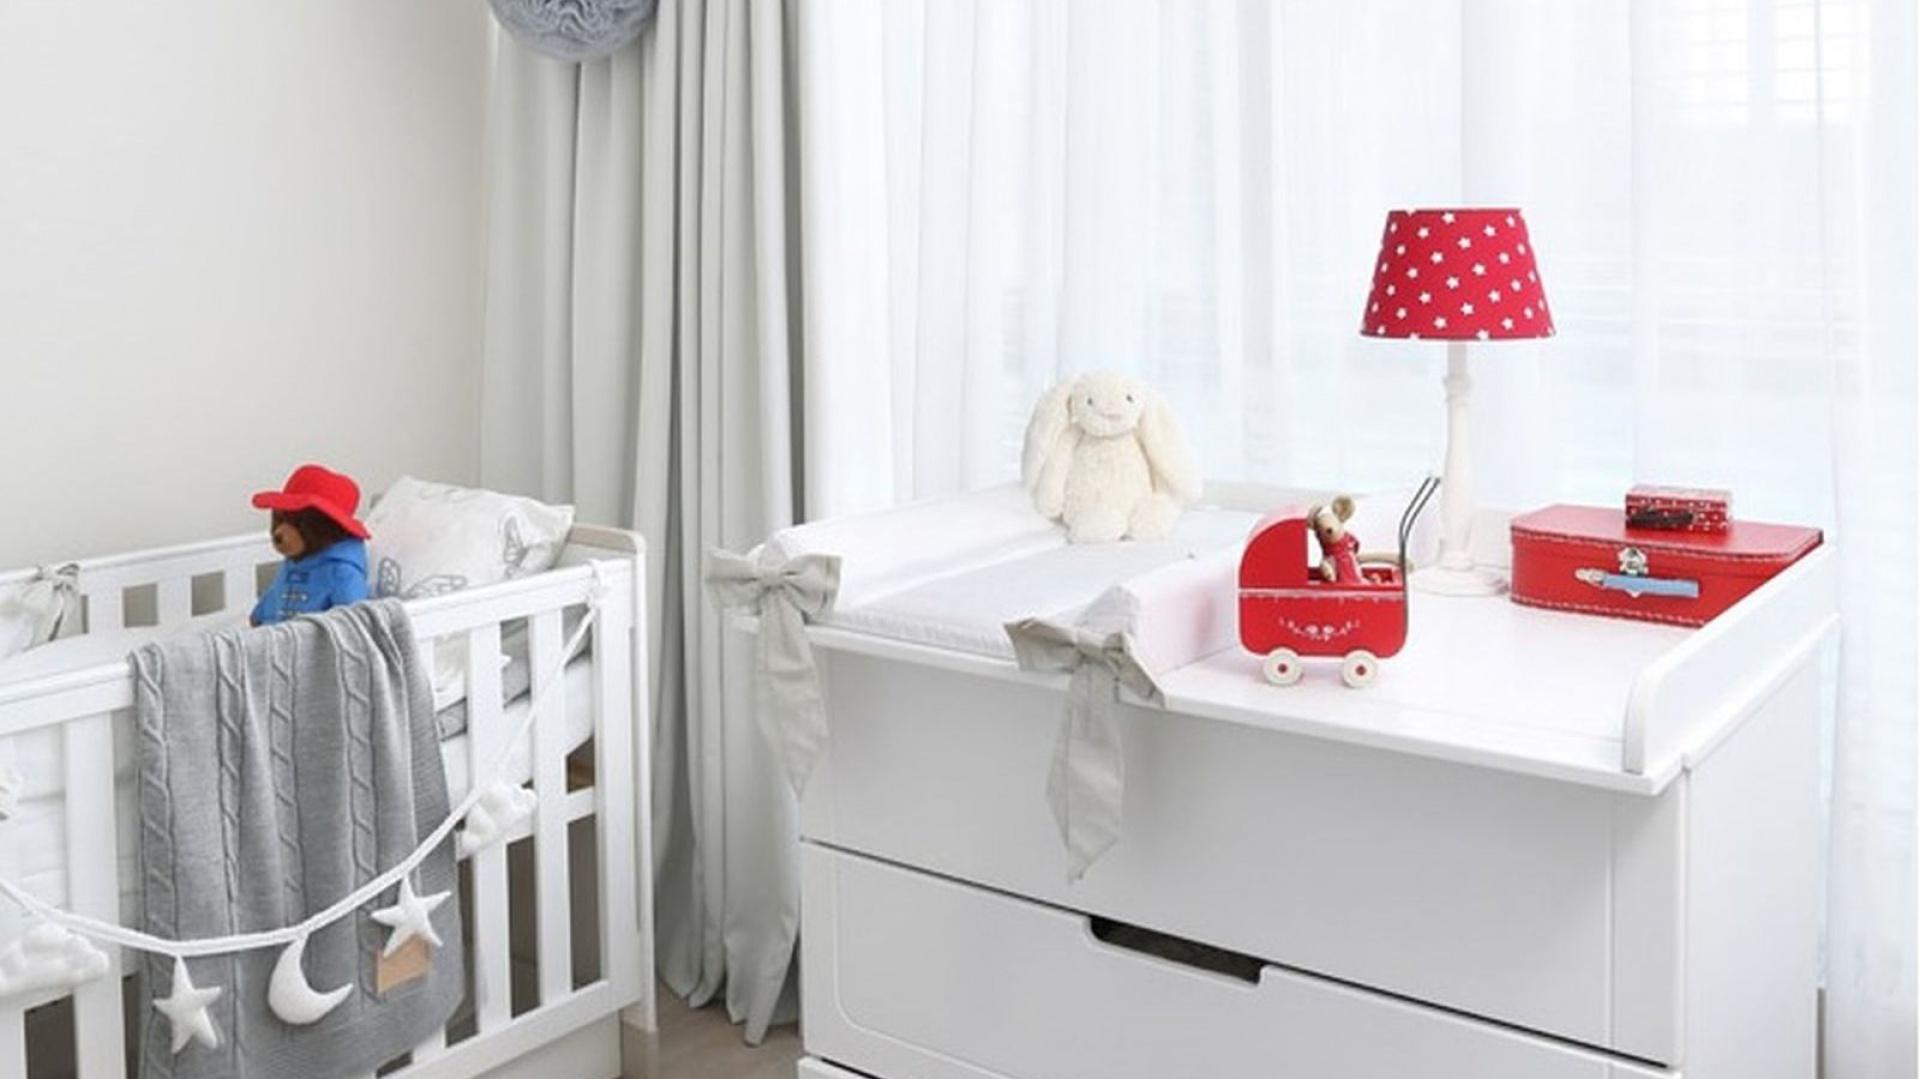 Pokój małej Kornelii wyposażono w nowoczesne i eleganckie mebelki o klasycznej formie. Ich naturalny urok wnosi do pomieszczenia inspirujący spokój. Aranżację uzupełniają dodatki w pudrowej kolorystyce, co daje doskonały efekt wizualny. Fot. Pinio.